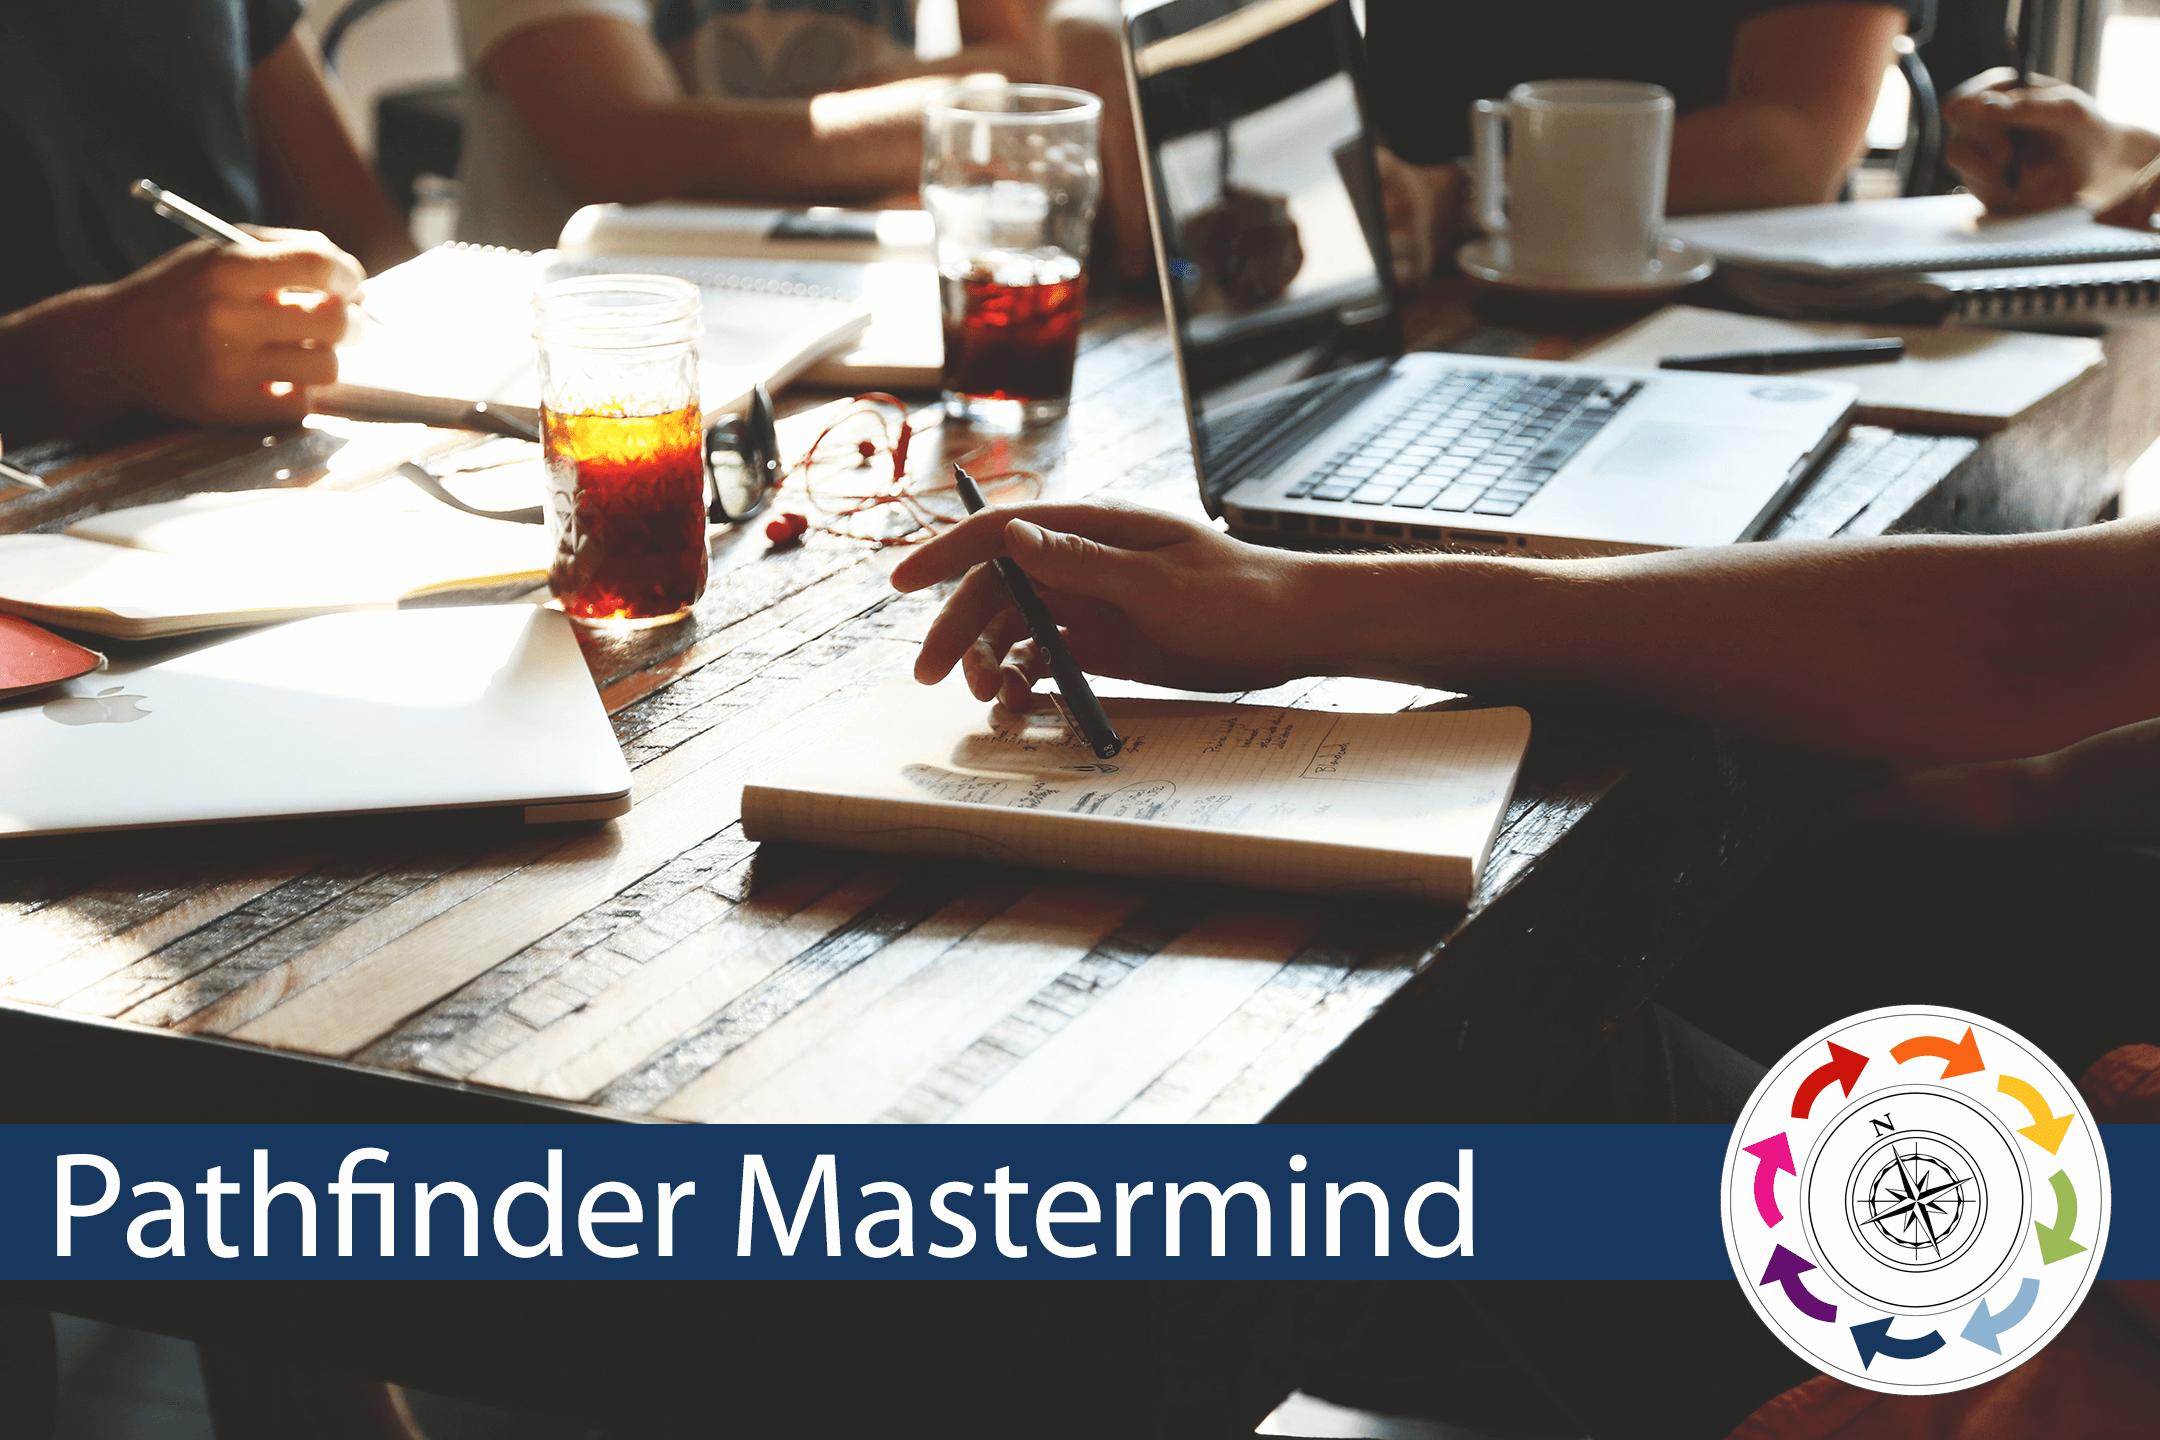 pathfinder-mastermind